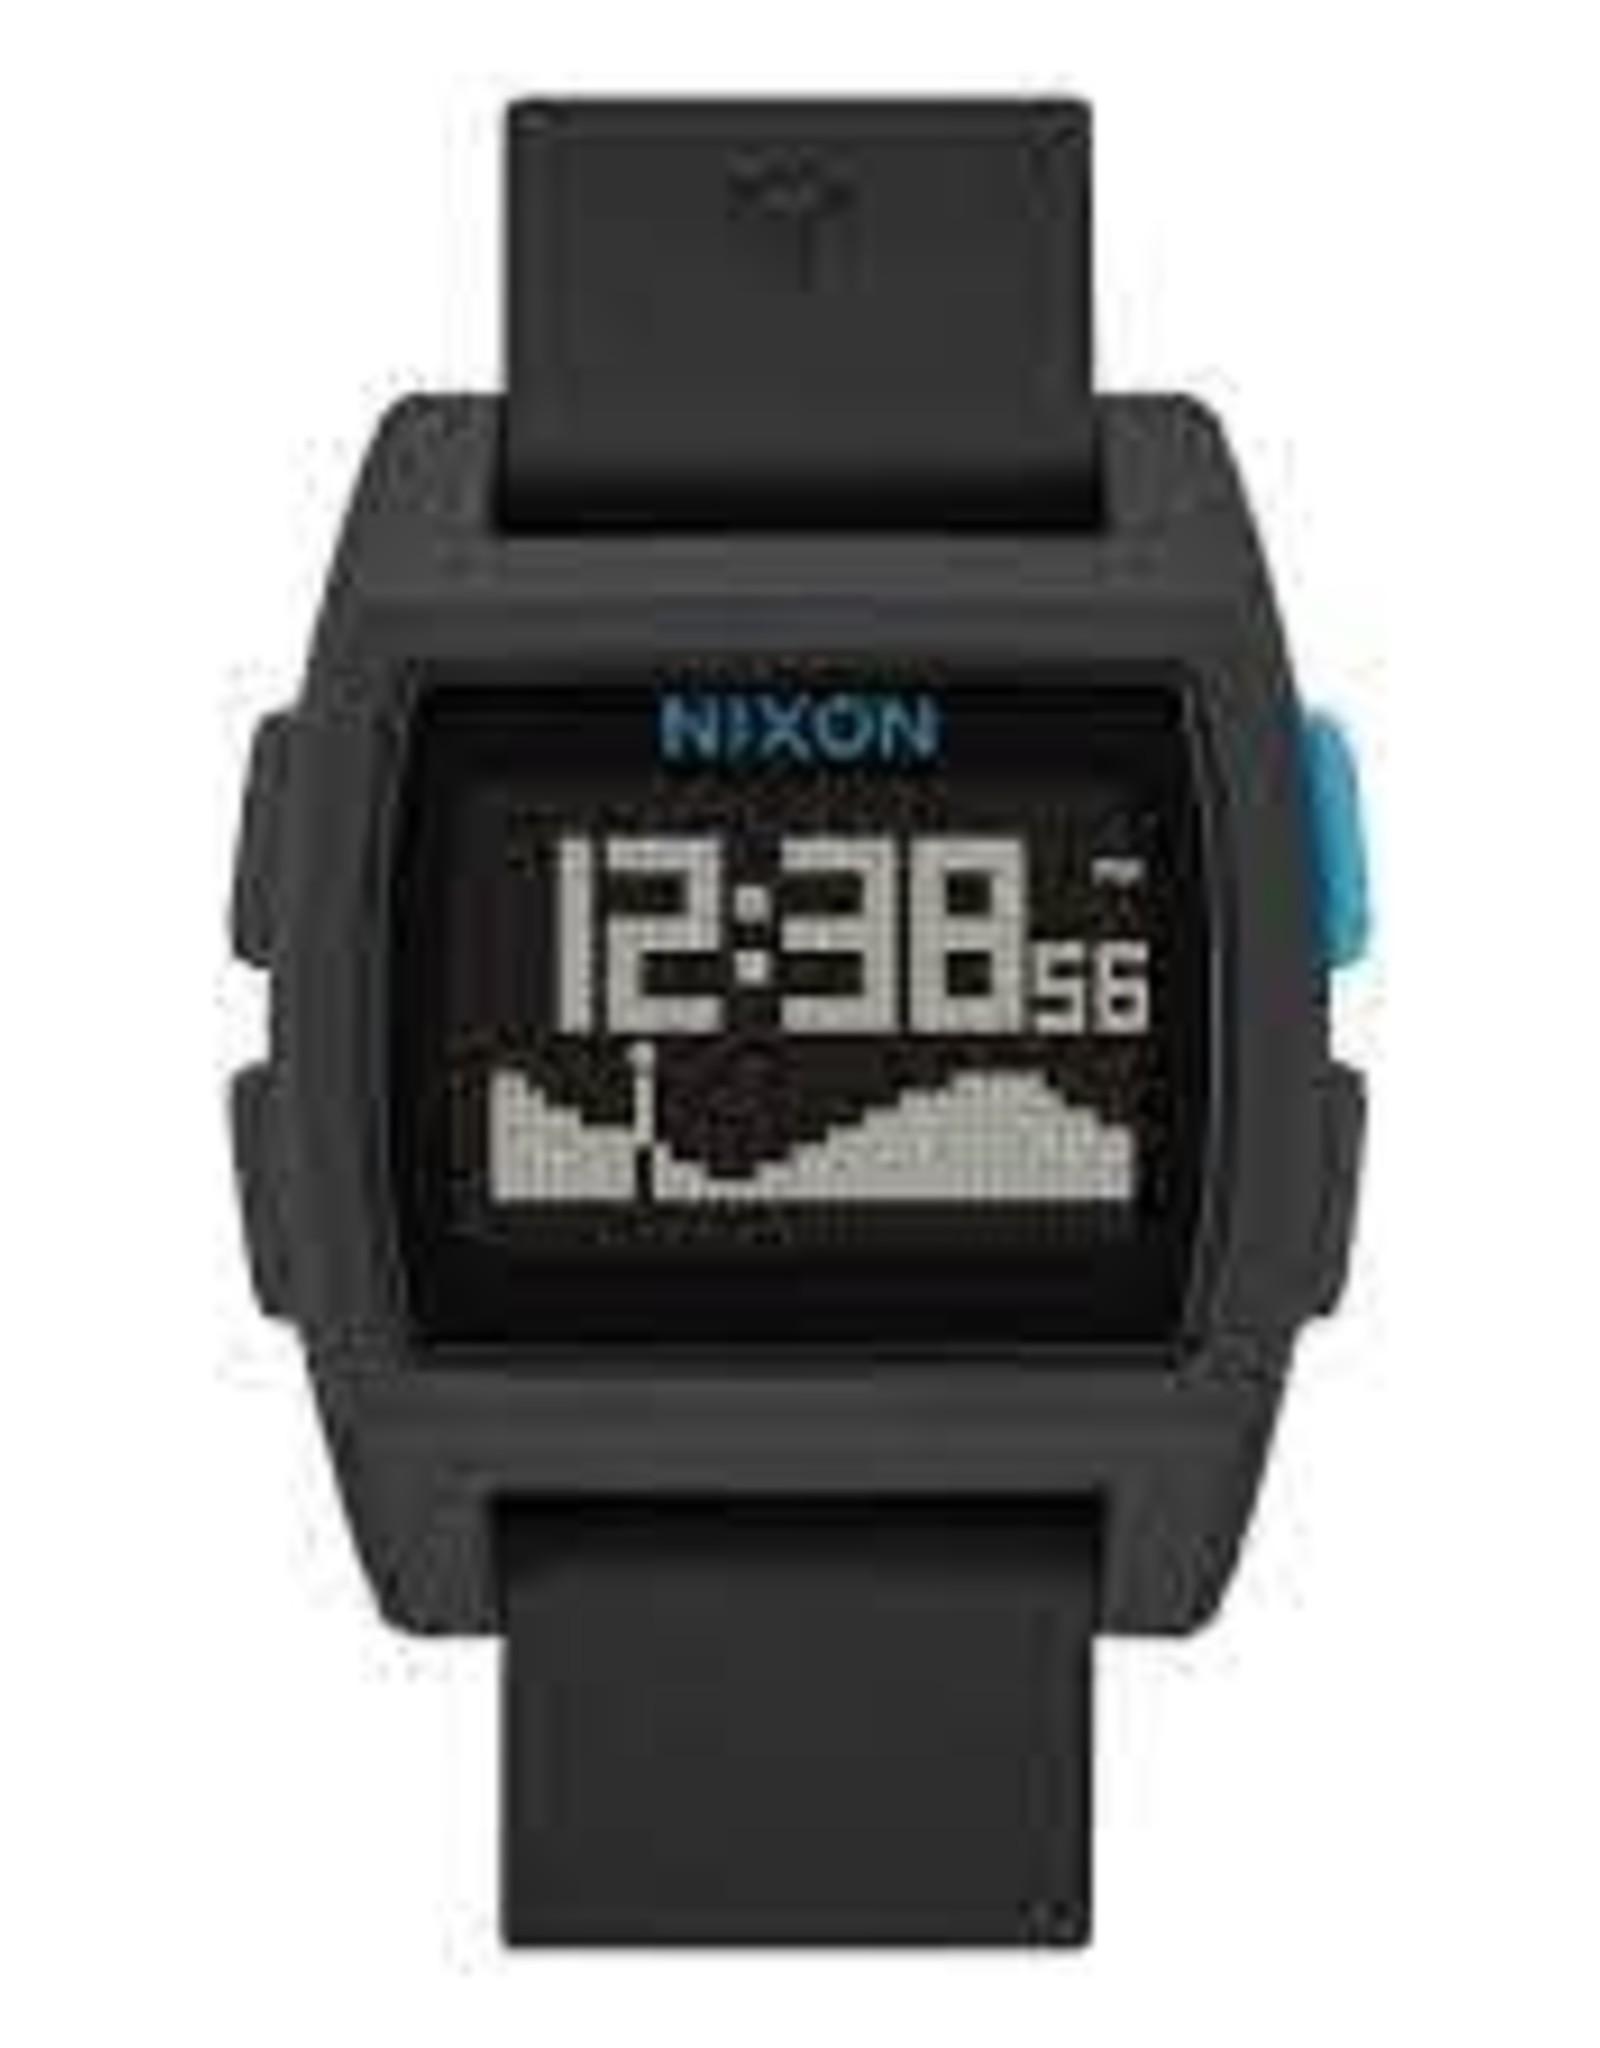 nixon nixon base tide watch black/blue